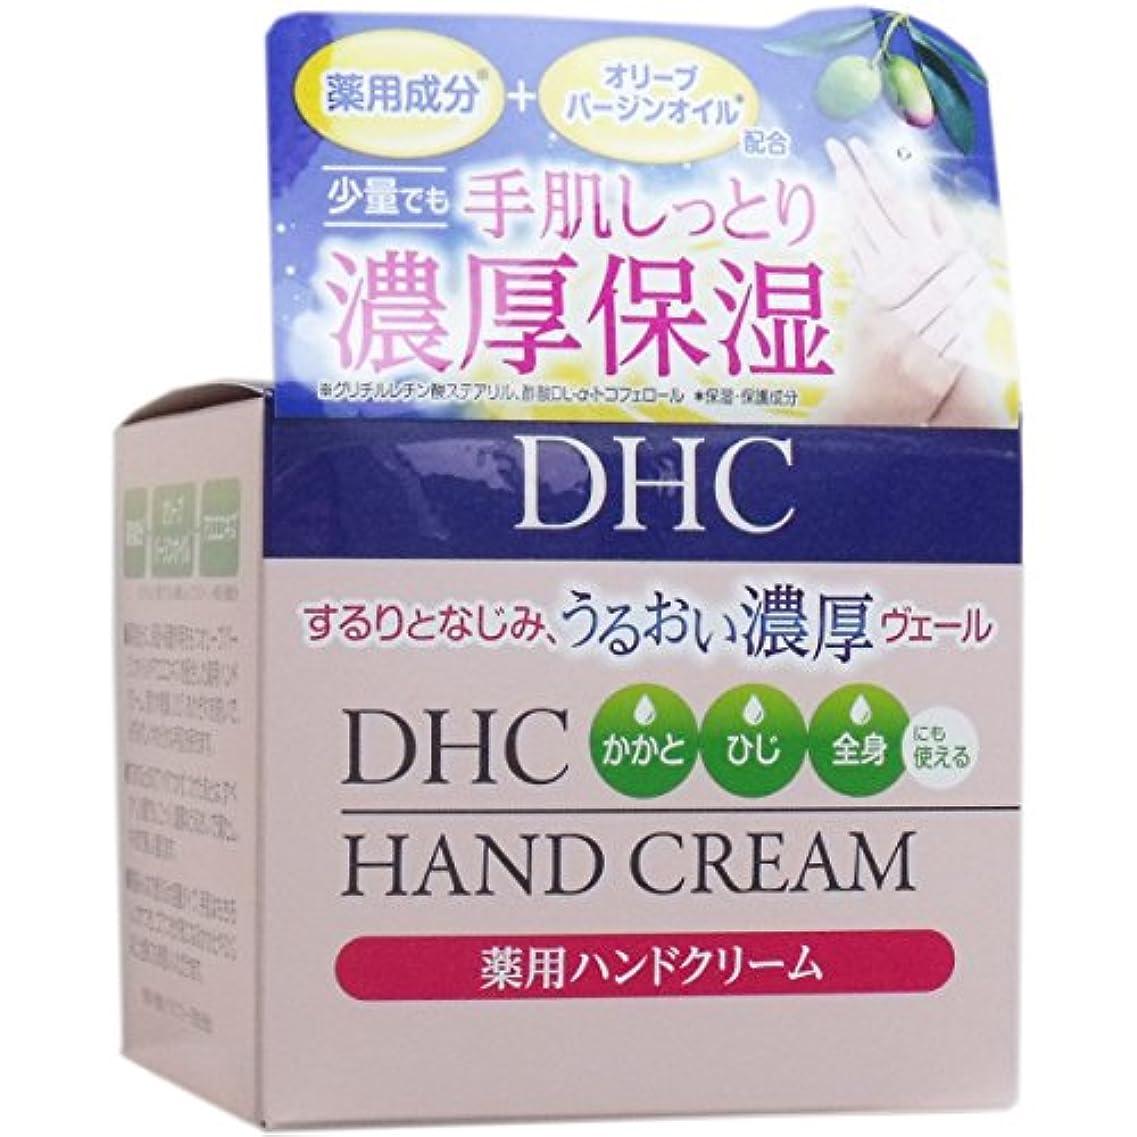 トランクライブラリお願いします灌漑[2月25日まで特価]DHC 薬用 ハンドクリーム 120g×10個セット